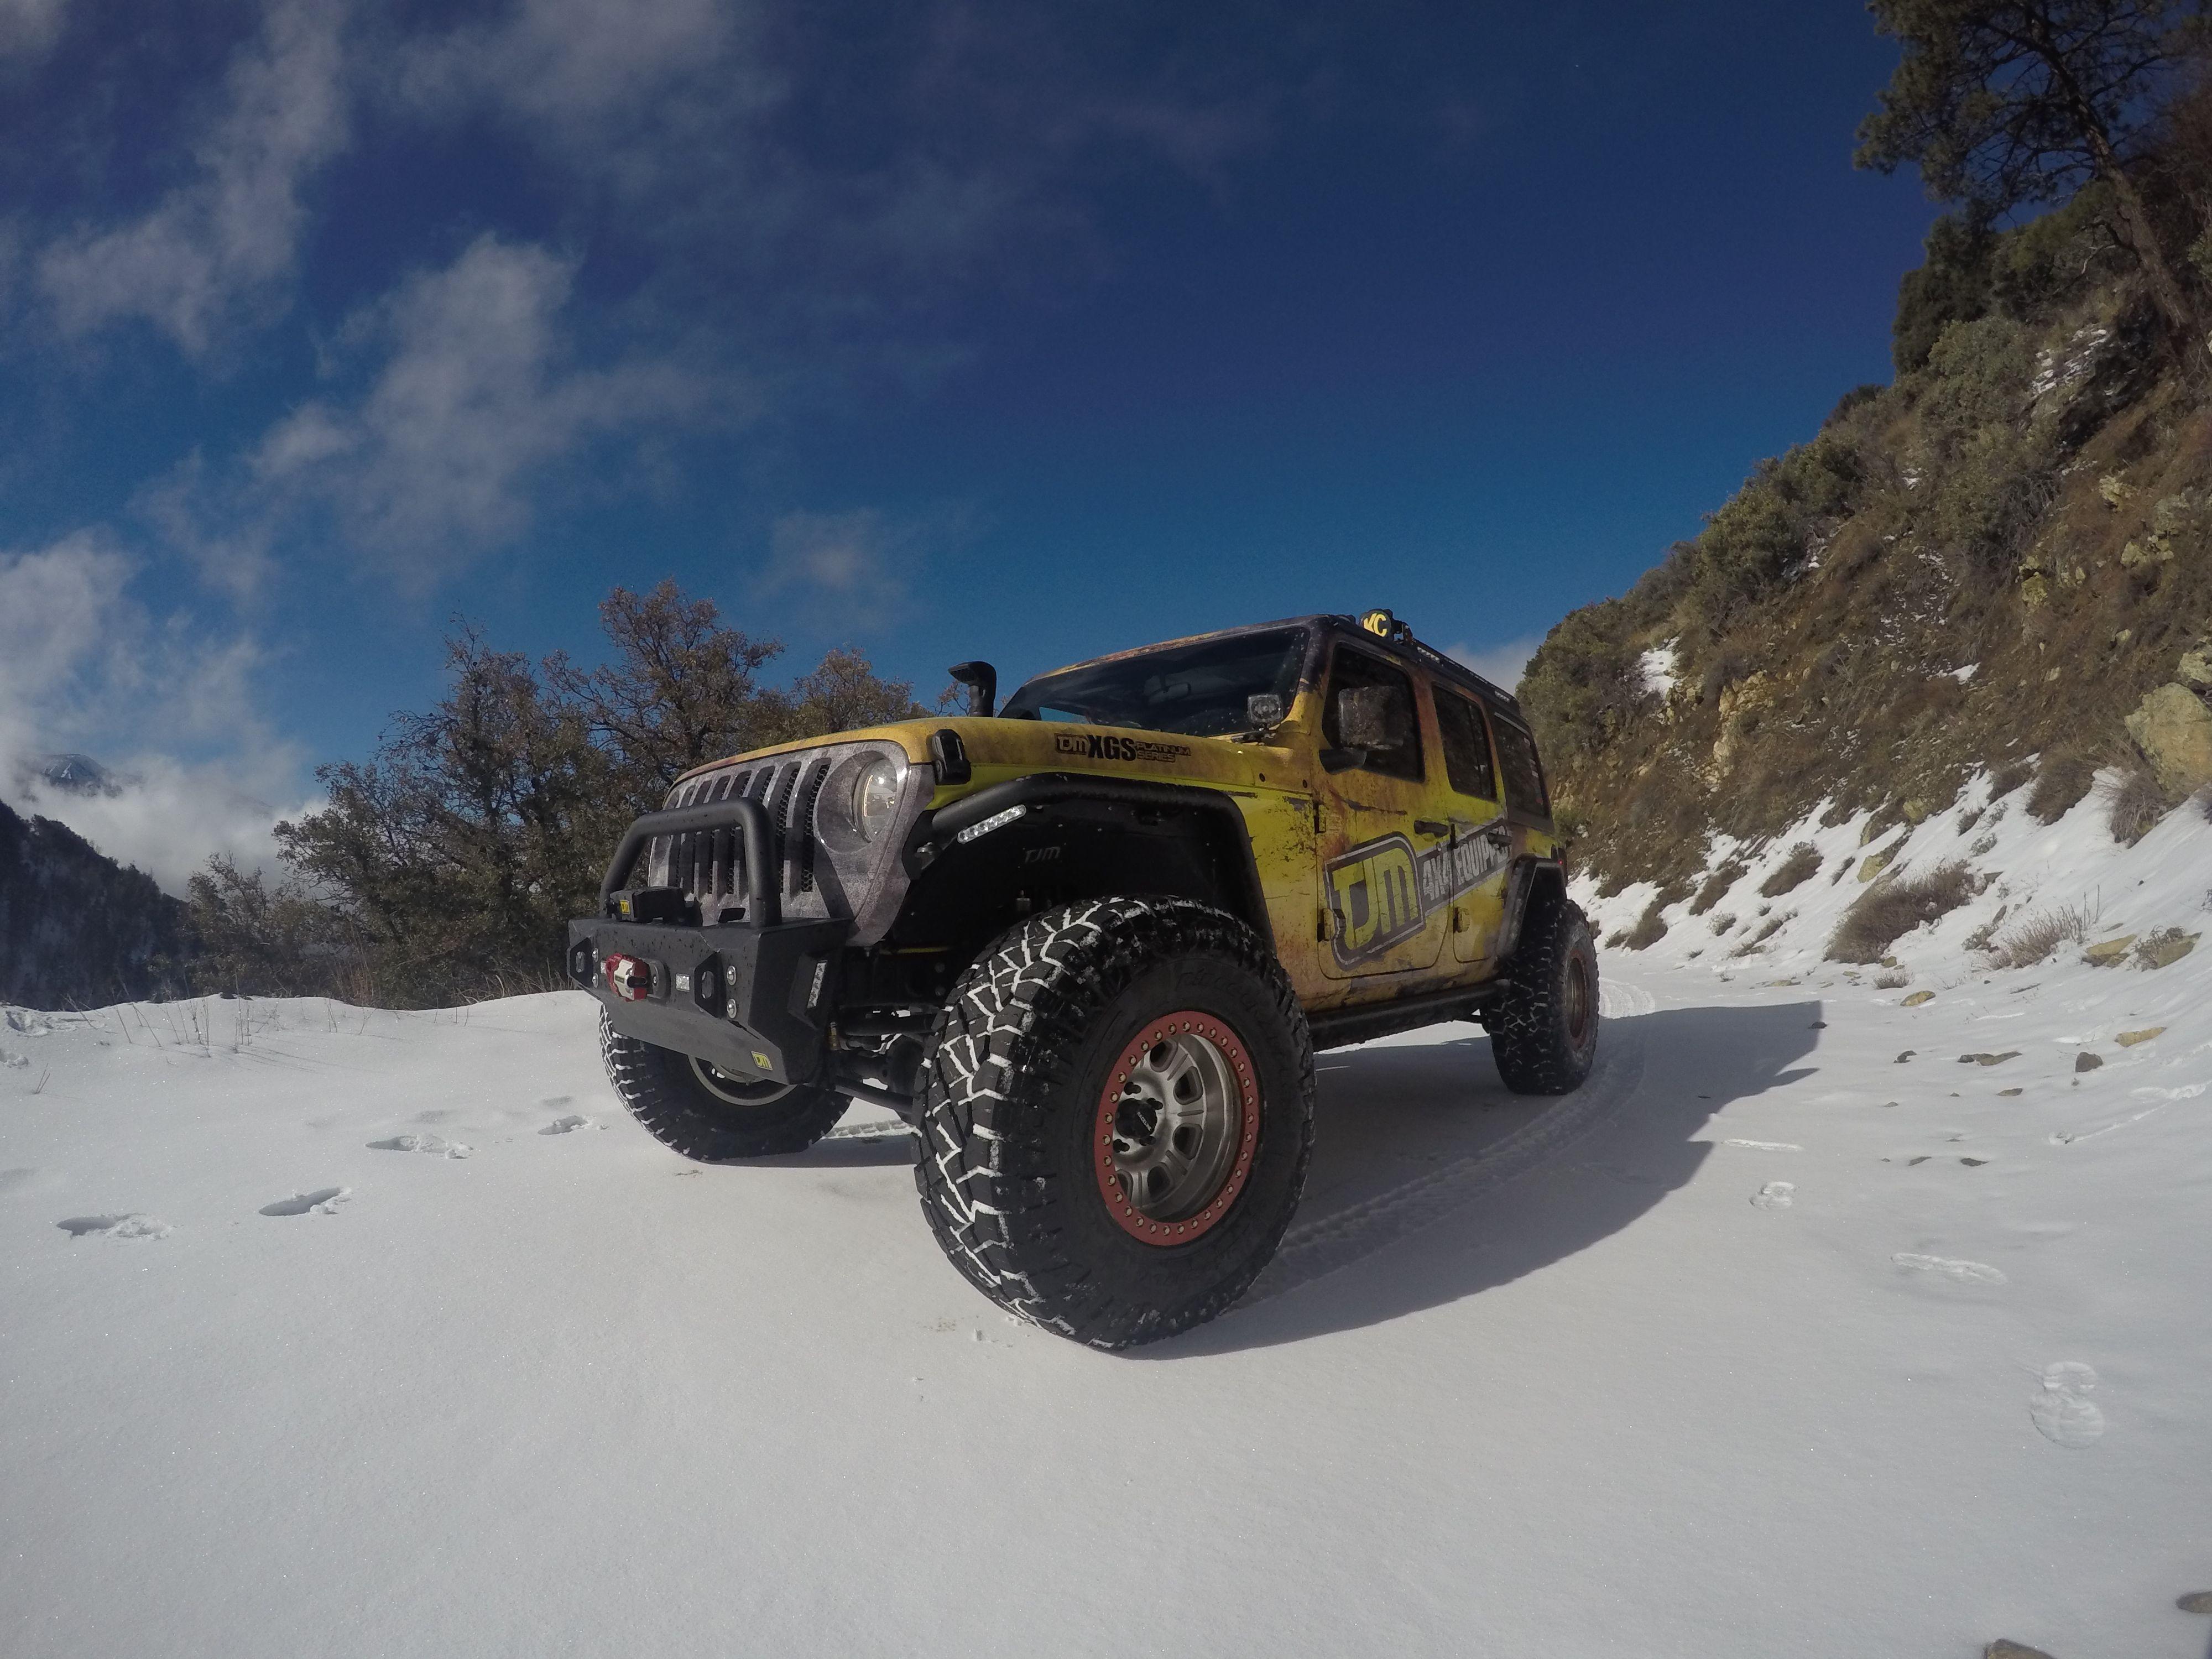 Tjm Jl Jeep Tjm Tjmusa Jl Jljeep Jeep Wrangler Jeep 4x4